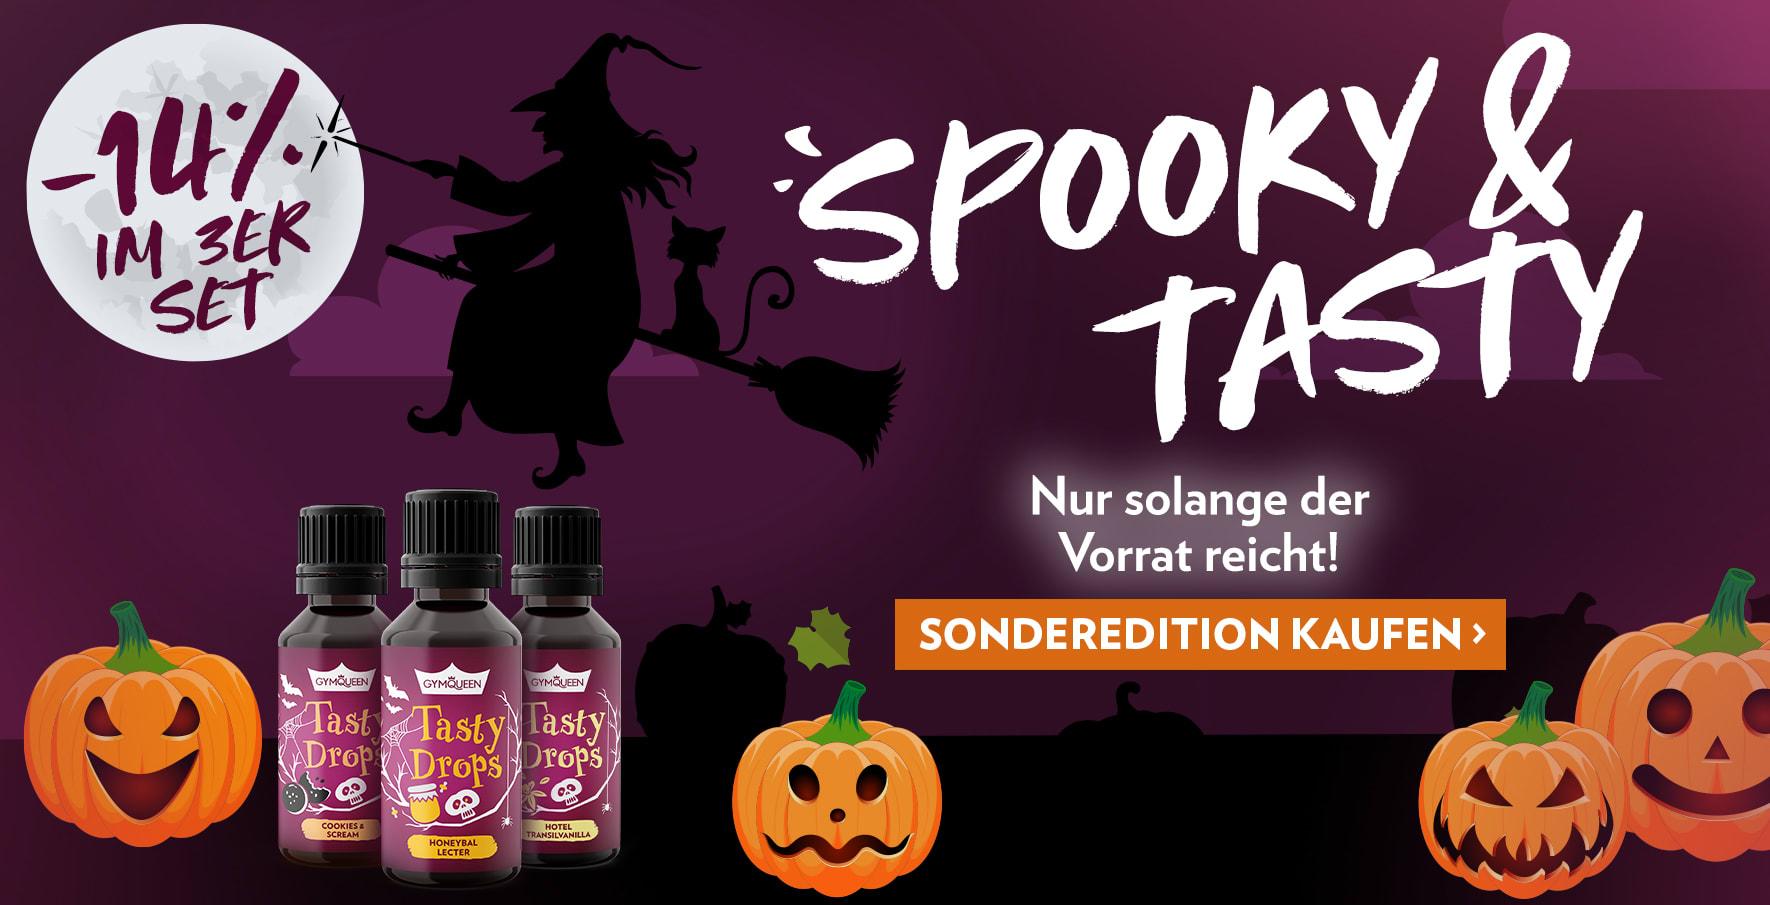 Special Editions zu Halloween: entdecke die leckeren 3 Halloween-Sorten. Ohne Kalorien - ohne Zucker - ohne Fett